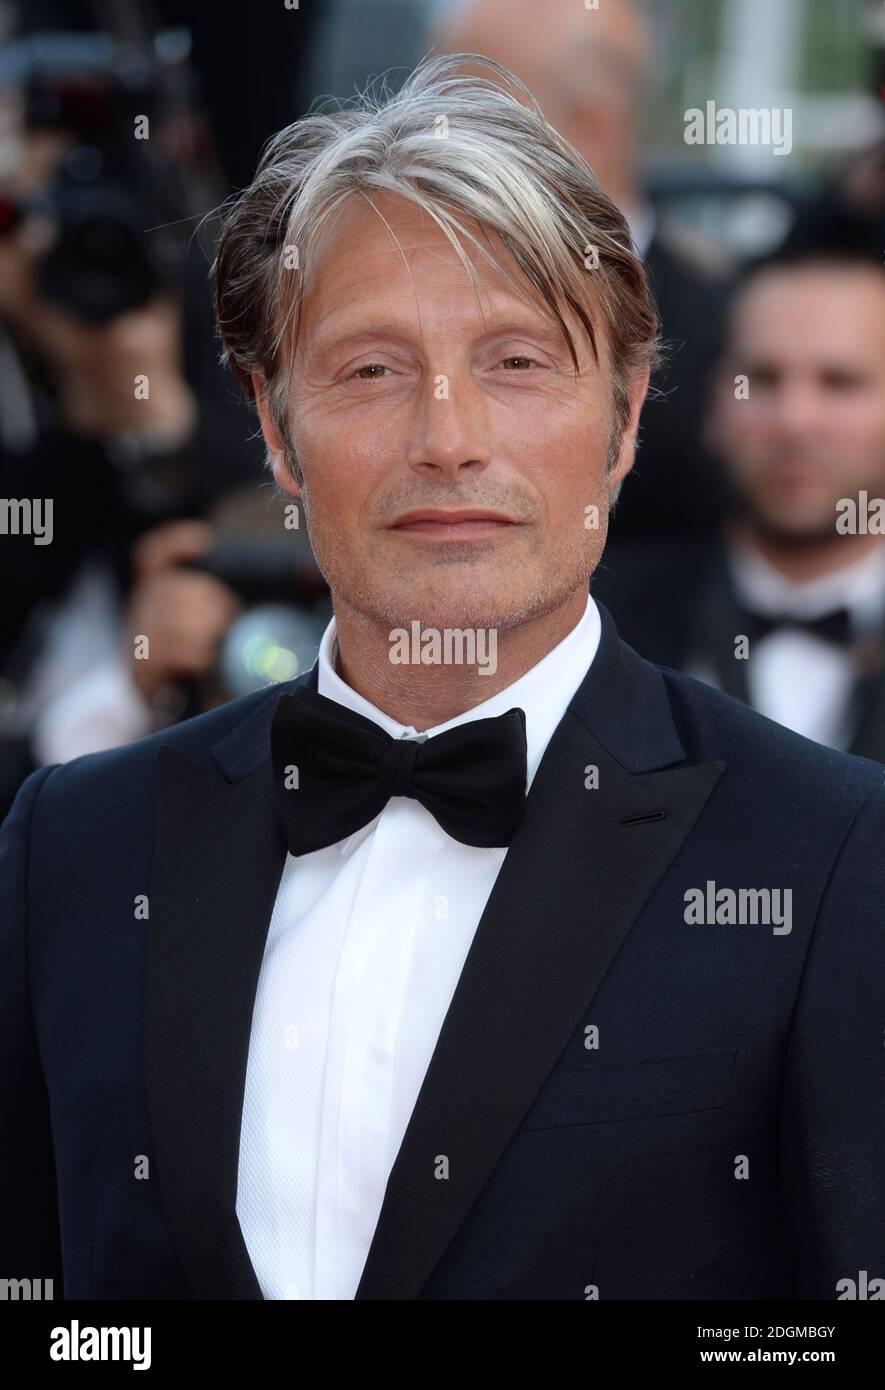 Mads Mikkelsen participant à la première aimante, qui s'est tenue au Palais de Festival. Partie du 69e Festival de Cannes en France. Banque D'Images